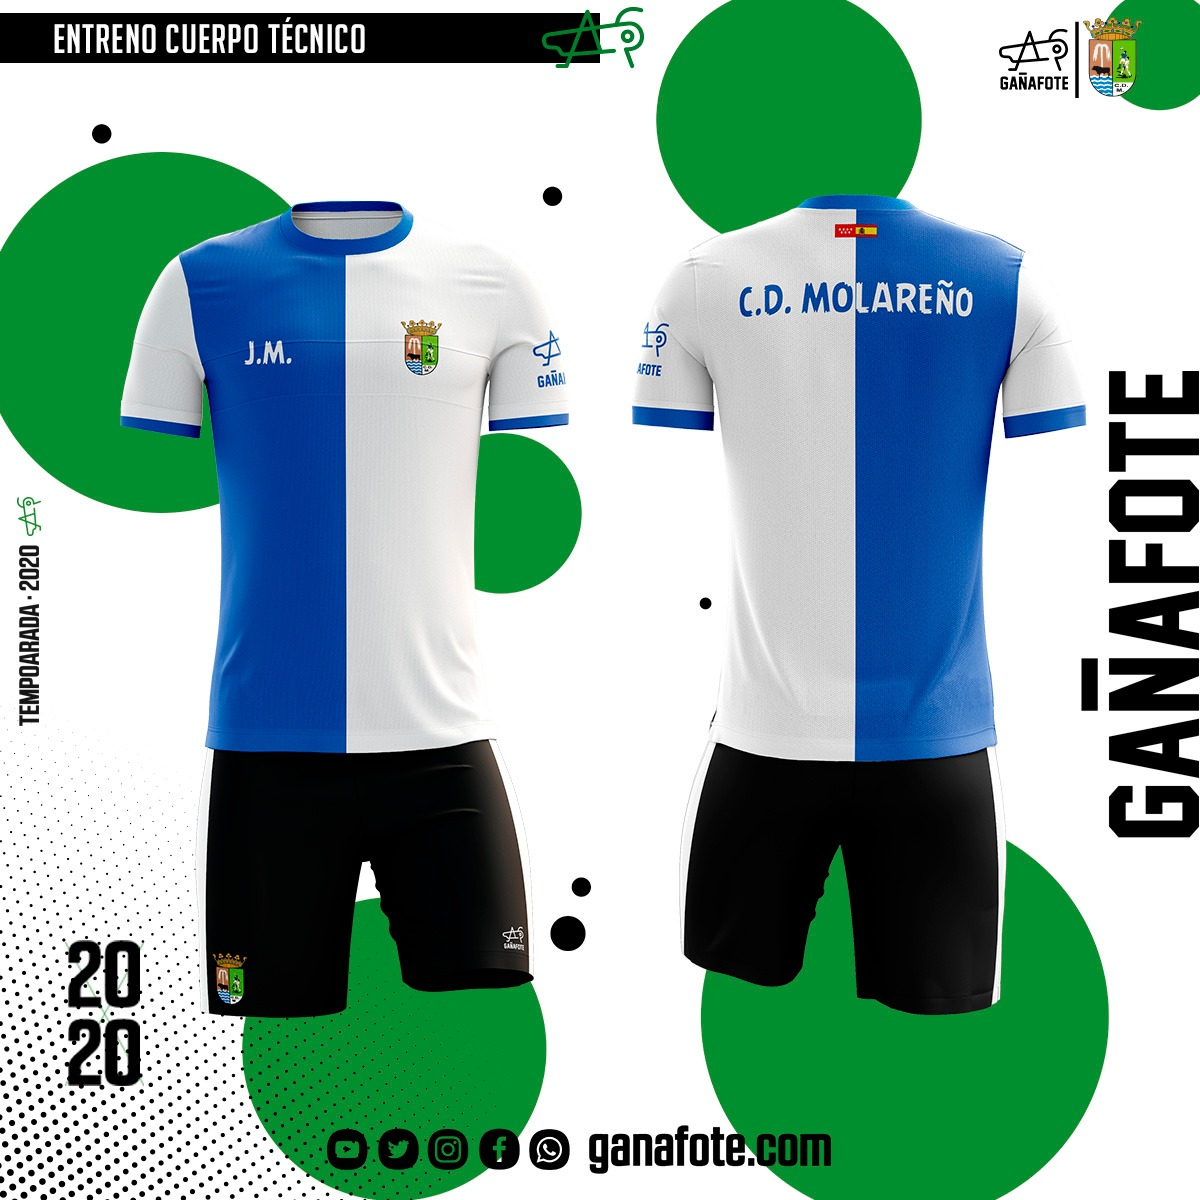 GAÑAFOTE TEXTIL  | Nuestros amigos madrileños de C. D Molareño apuestan por nosotros para su línea de entrenamiento y paseo. Unos diseños acorde a la identidad del club.  ¿Y tú ya eres Gañafote?  #gañafote #sublimaciontextil #design #outfit #ropadeportiva #Futbol #ElMolarpic.twitter.com/I6kg1UfIfl